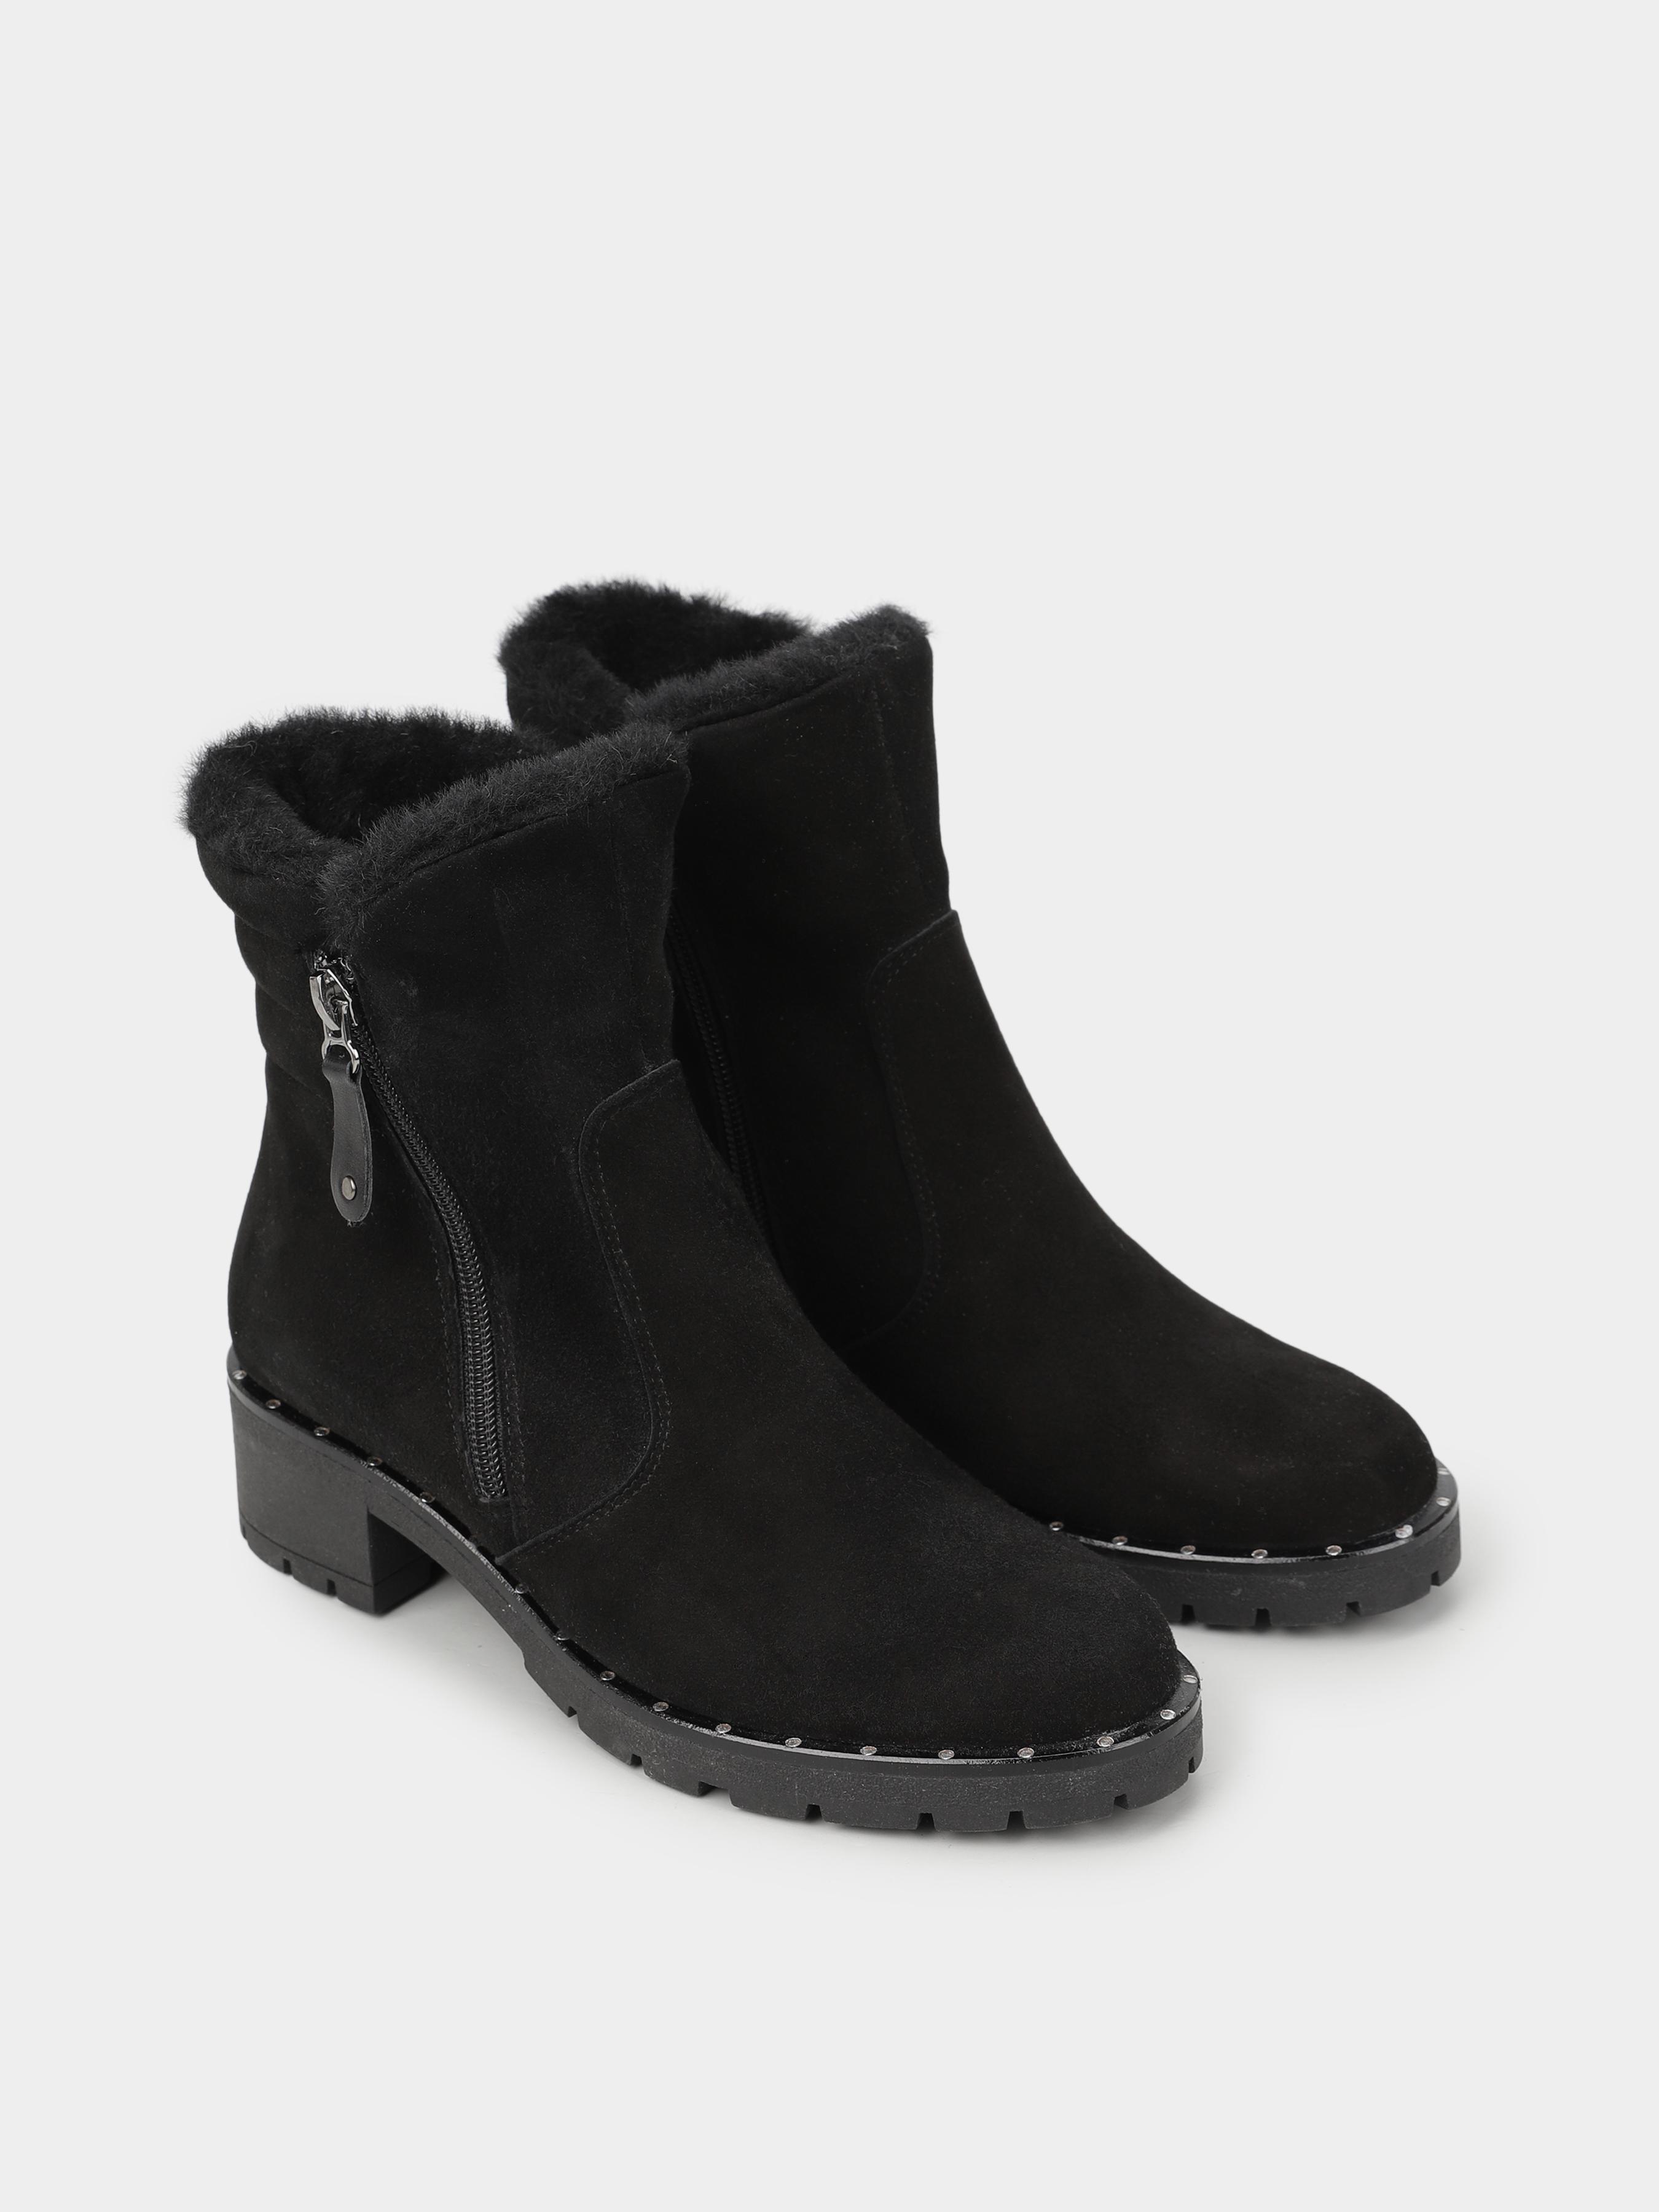 Ботинки для женщин Стептер 9K80 размерная сетка обуви, 2017